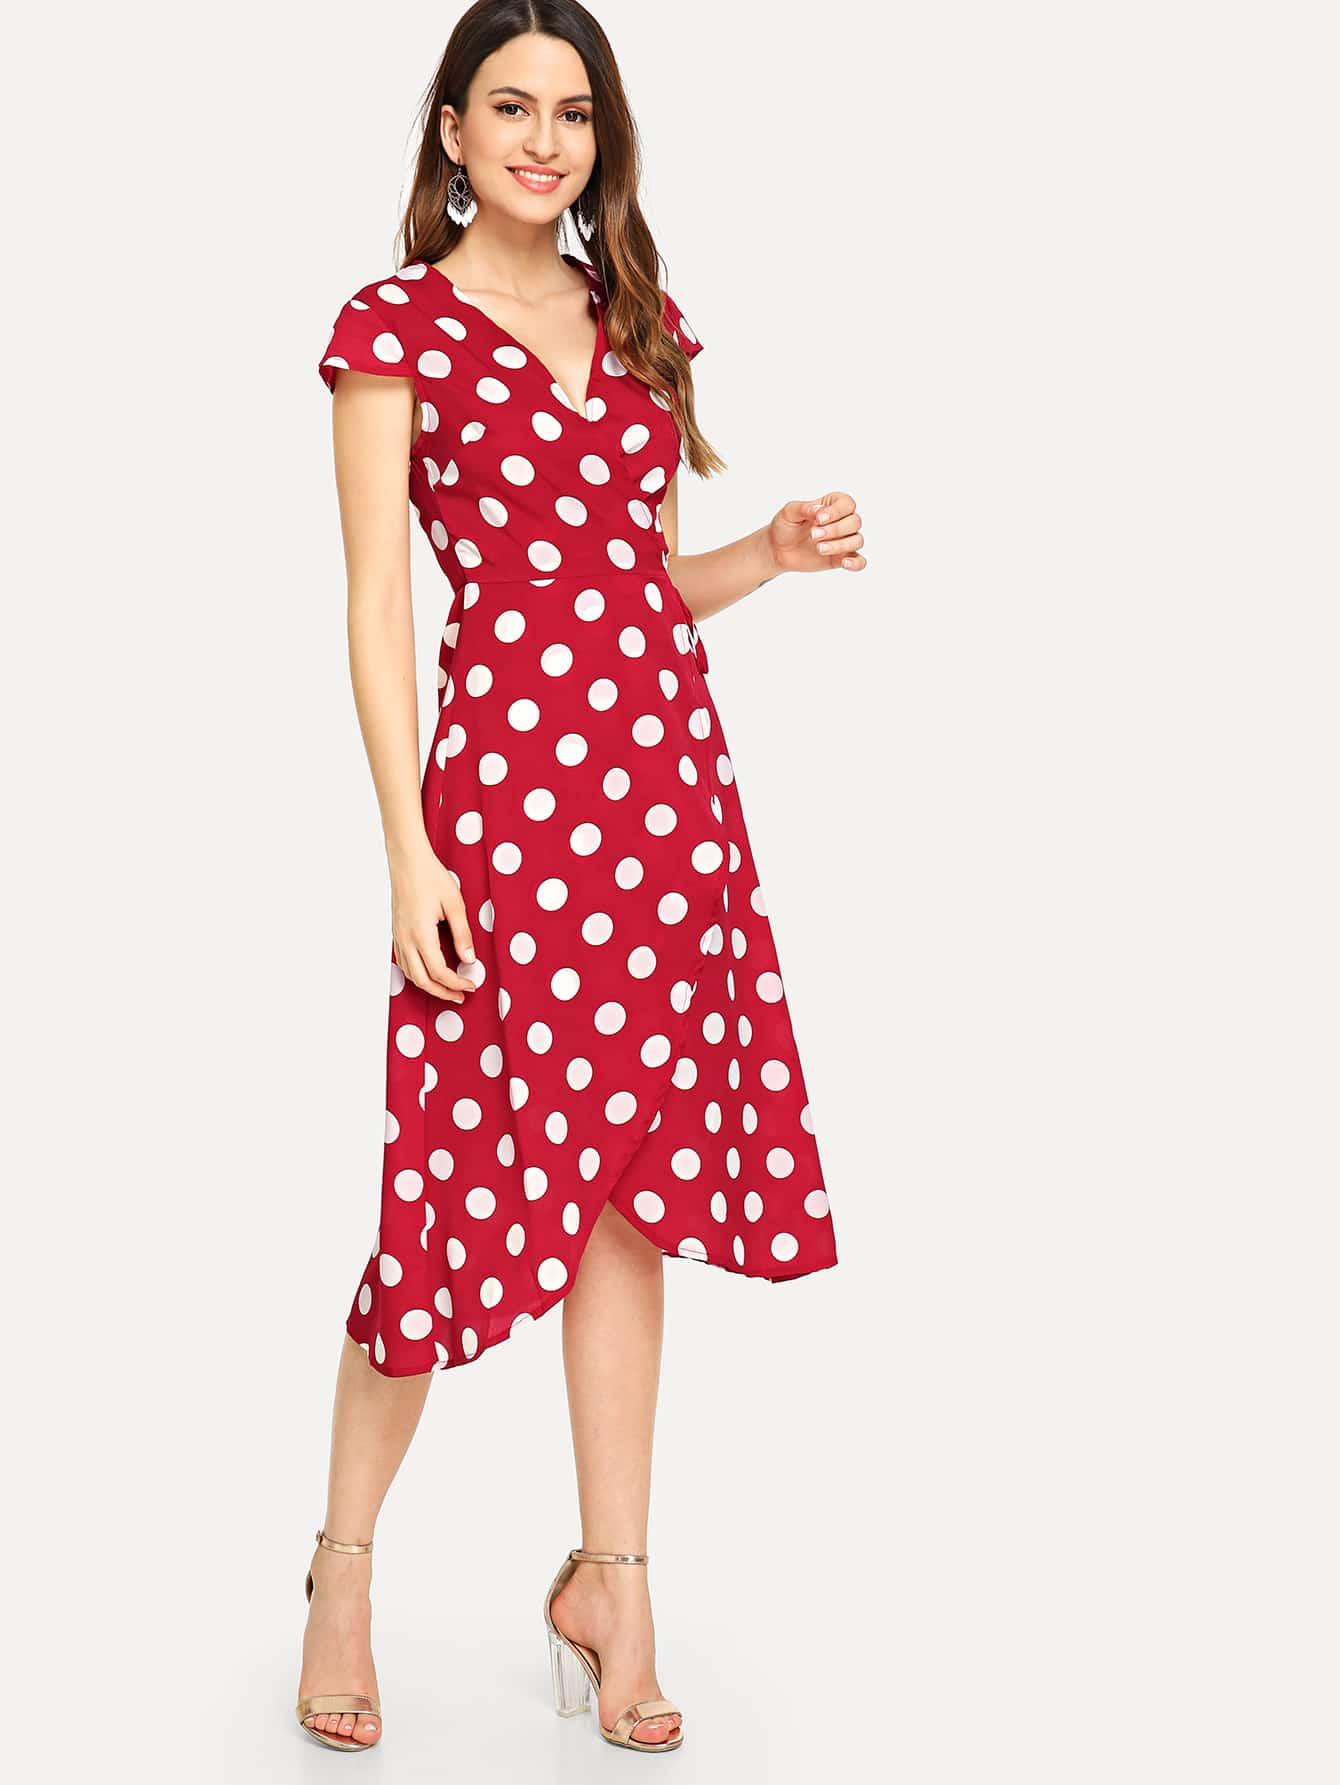 Купить Платье с рисунками точки польки и с Surplice воротником, Jana, SheIn